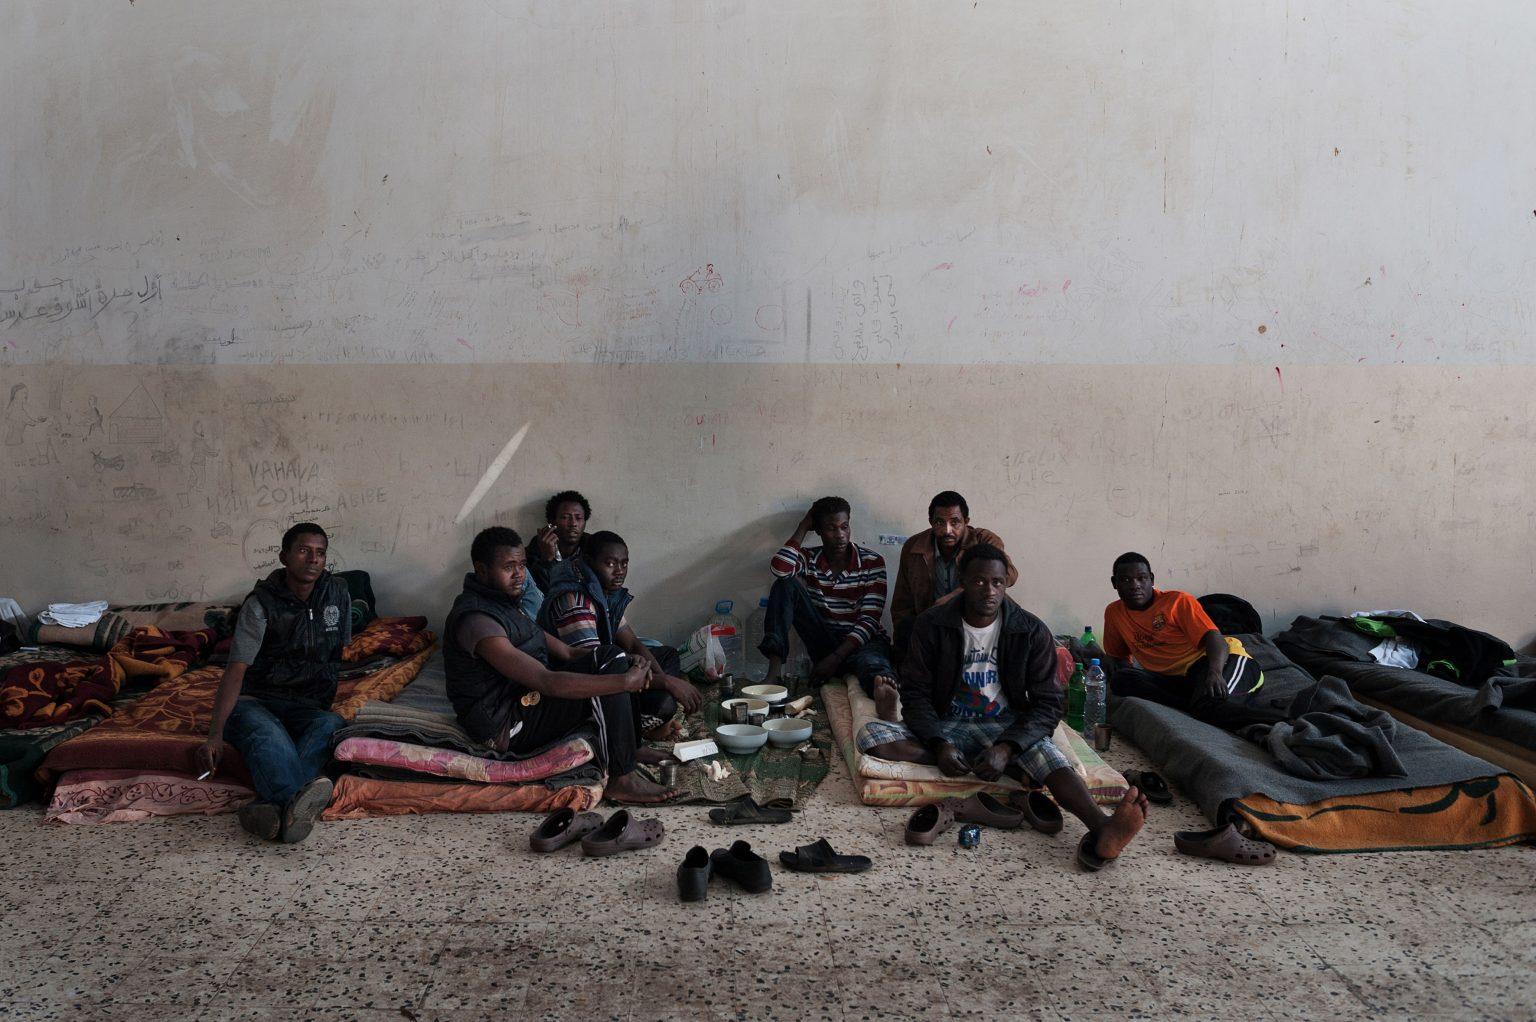 Tripoli, Libya, May 2014 - Twaisha prison for illegal immigrants - Eritrean and Sudanese immigrants. Every month more than 150 immigrants from sub-Saharian Africa are imprisoned in this detention centre. ----- Before boarding towards Europe, illegal migrants escaping from East Africa have to undertake the arduous crossing of the Sahara Desert, often facing torture, violence and unjust imprisonment.  ><  Tripoli, Libia, maggio 2014 - Prigione di Twaisha per persone senza documenti - Immigrati clandestini eritrei e sudanesi. Ogni mese più di 150 immigrati provenienti dall'Africa subsahariana vengono incarcerati qui. ----- Prima di imbarcarsi verso l'Europa, i migranti clandestini scappati dall'Africa Orientale devono  attraversare il Deserto del Sahara, affrontando spesso torture, violenza e ingiusti imprigionamenti.  *** Local Caption *** 00543825